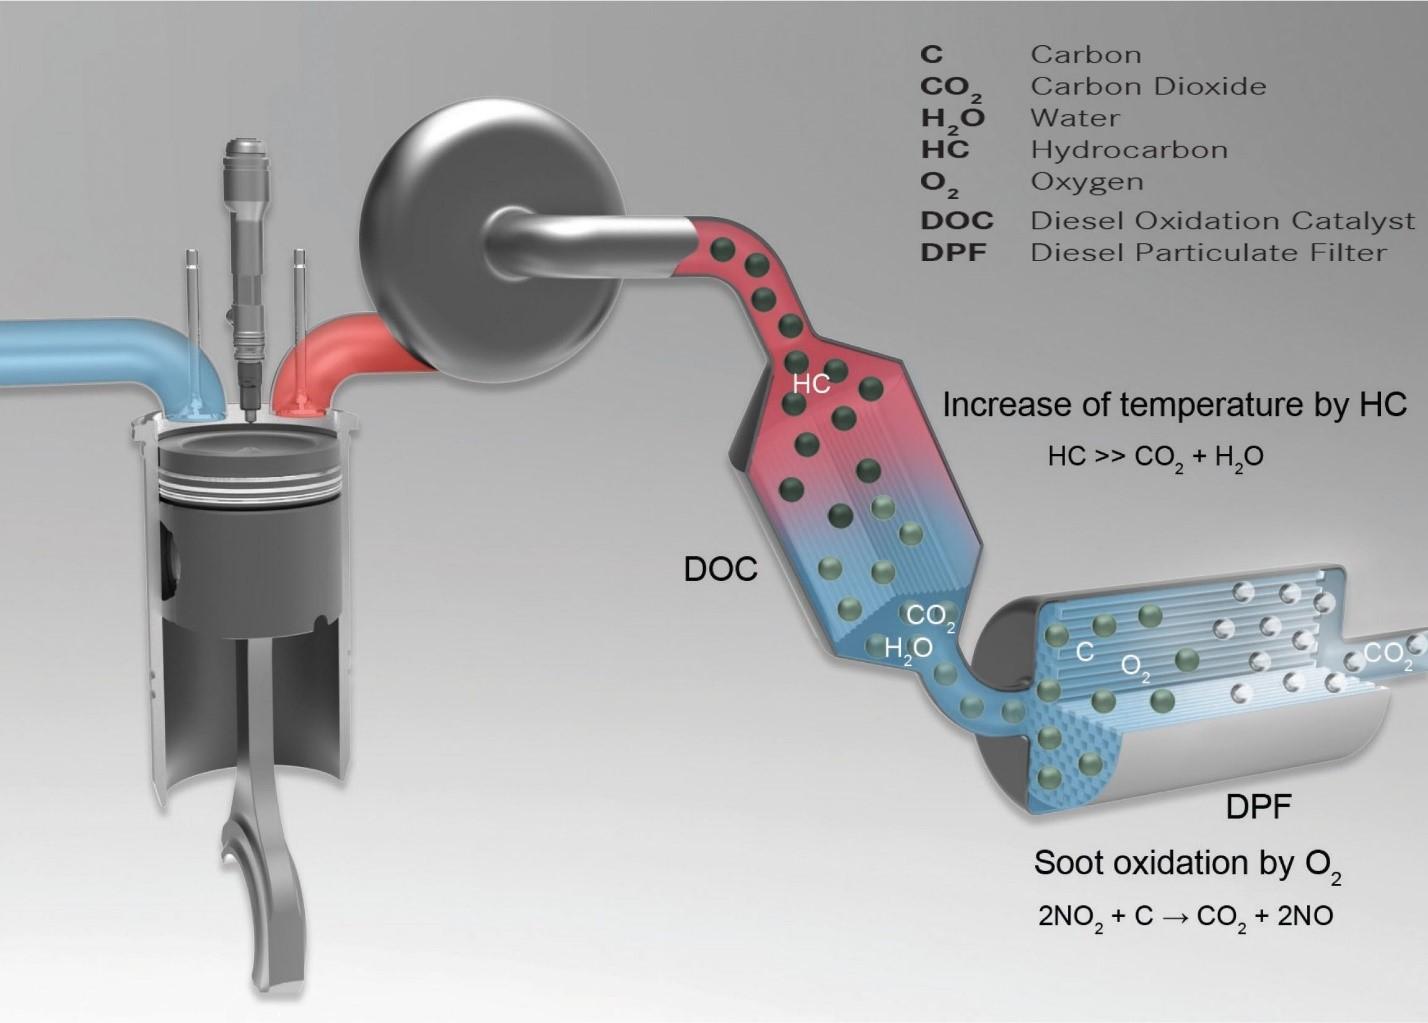 dpf filter clogged Ogs mechanics